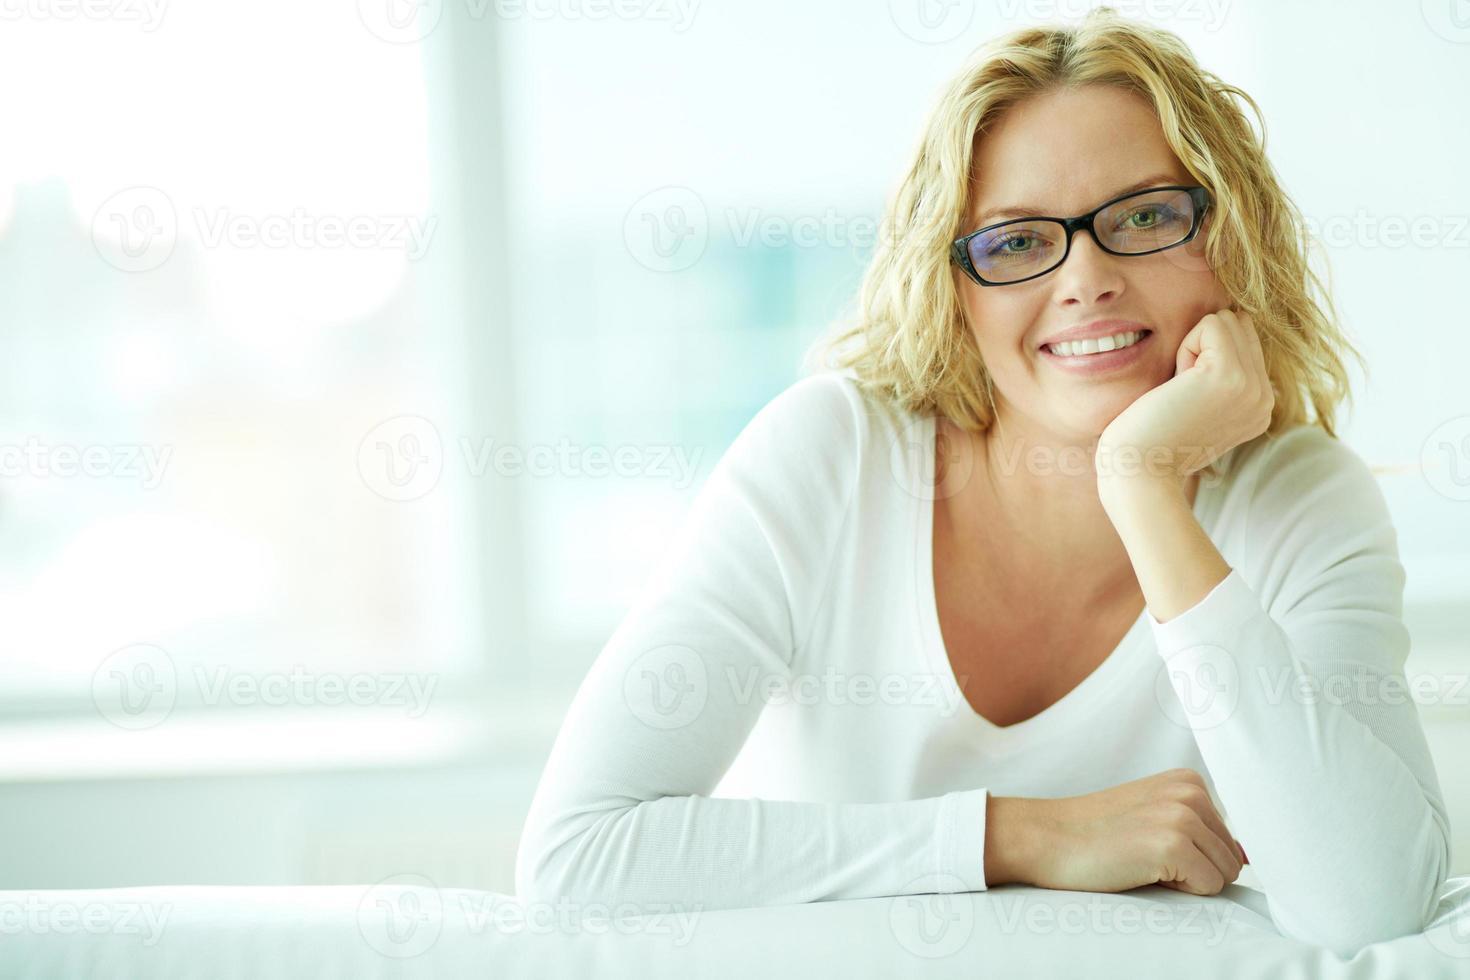 donna in occhiali foto